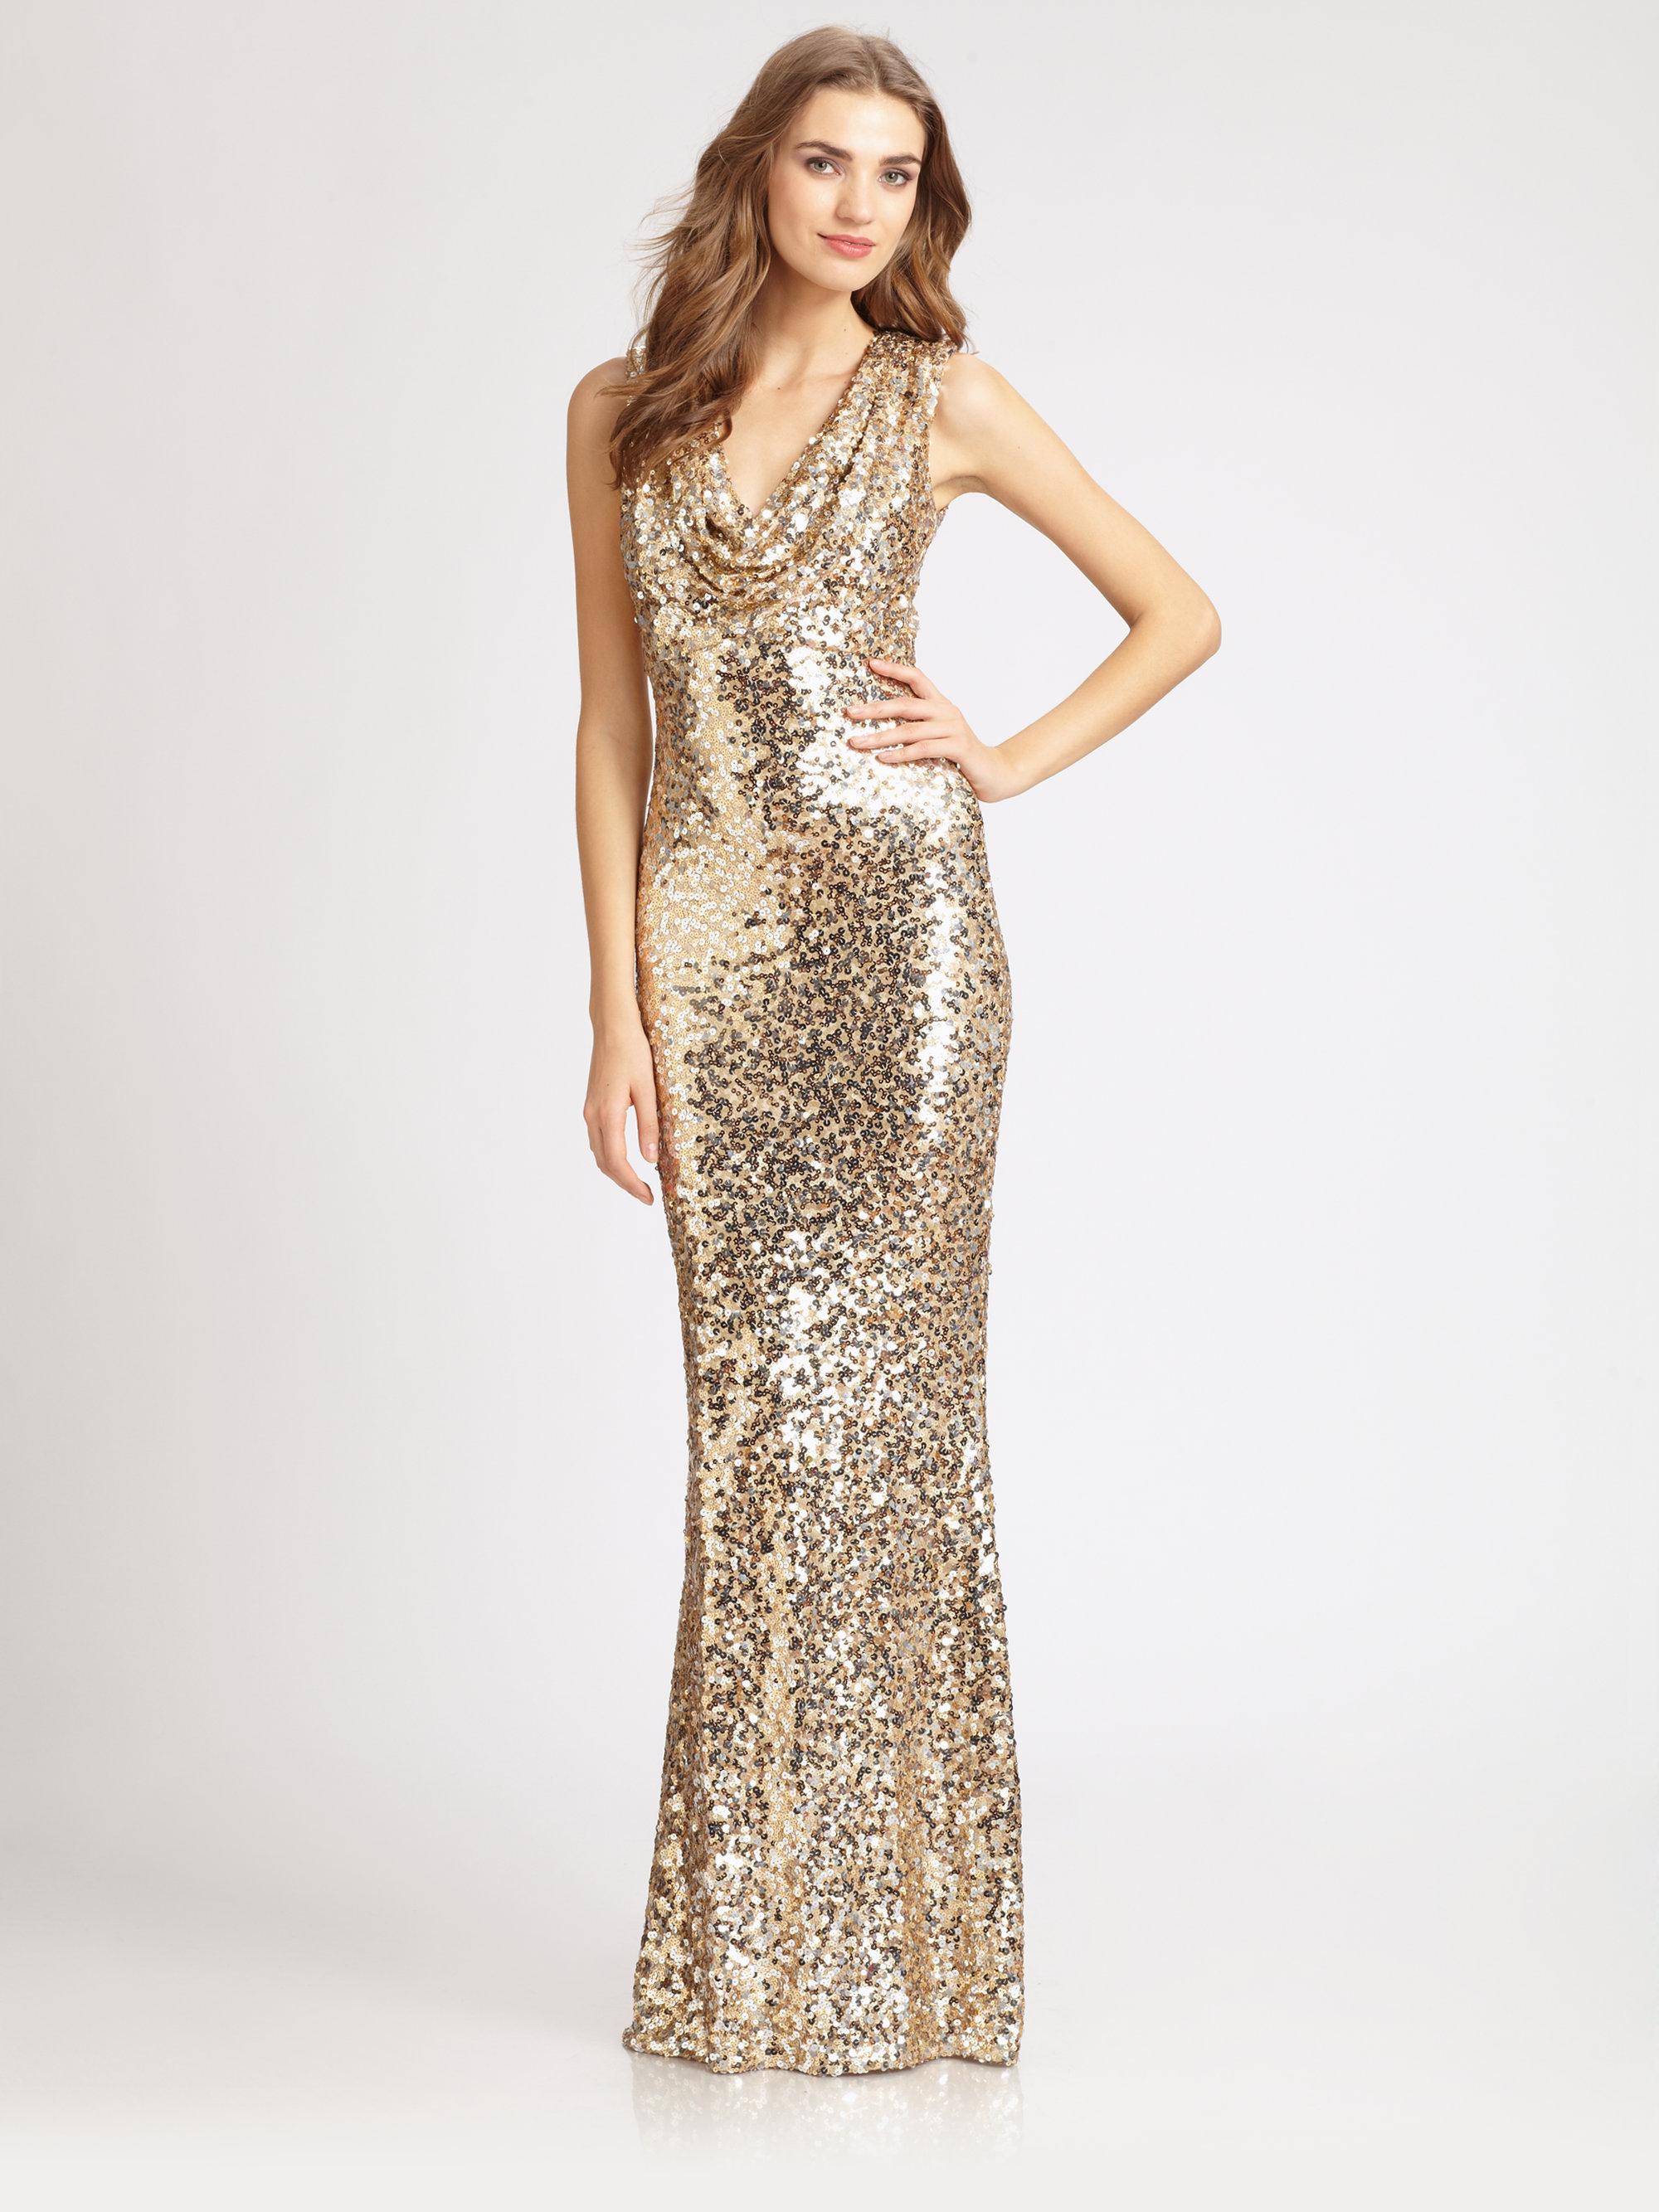 Lyst - Badgley Mischka Sequined Gown in Metallic